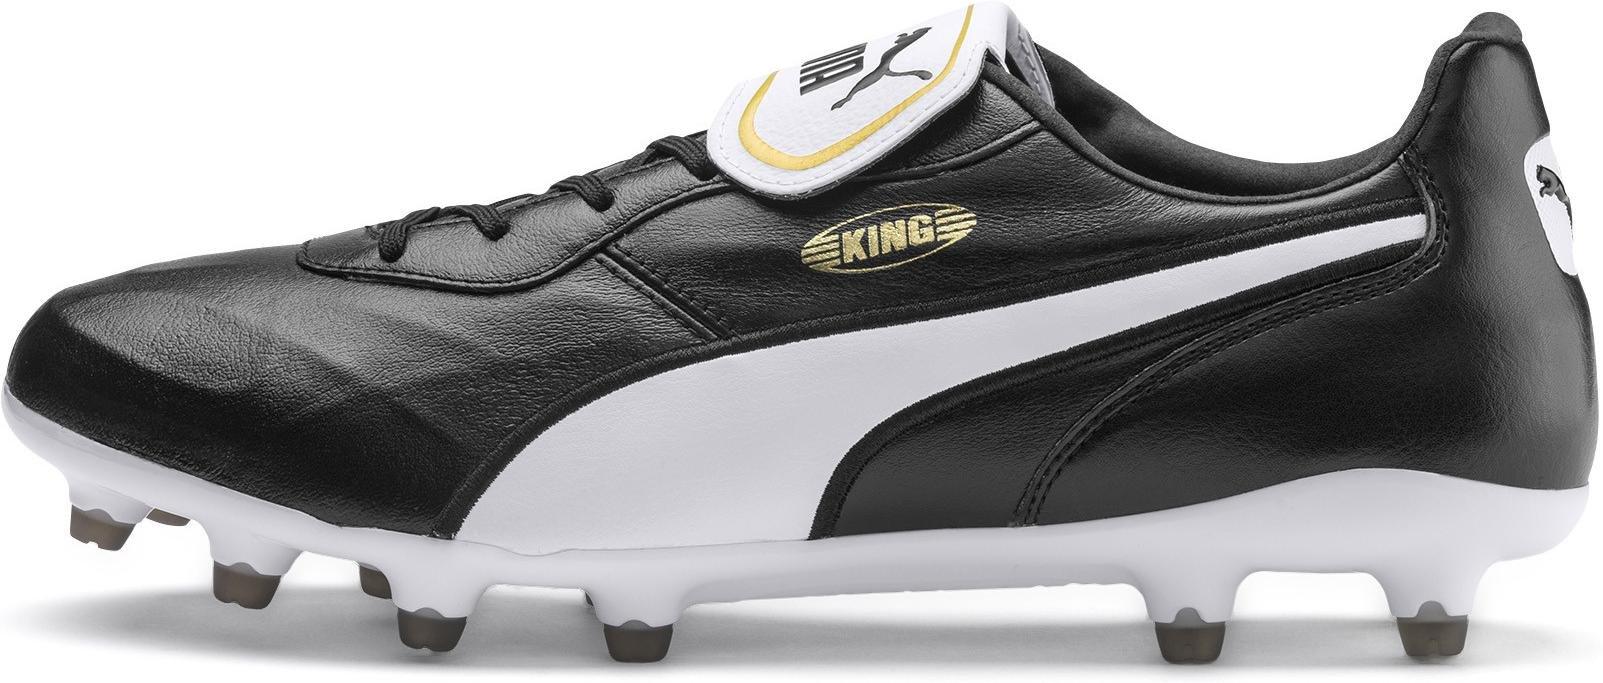 Kopačky Puma KING Top FG černá